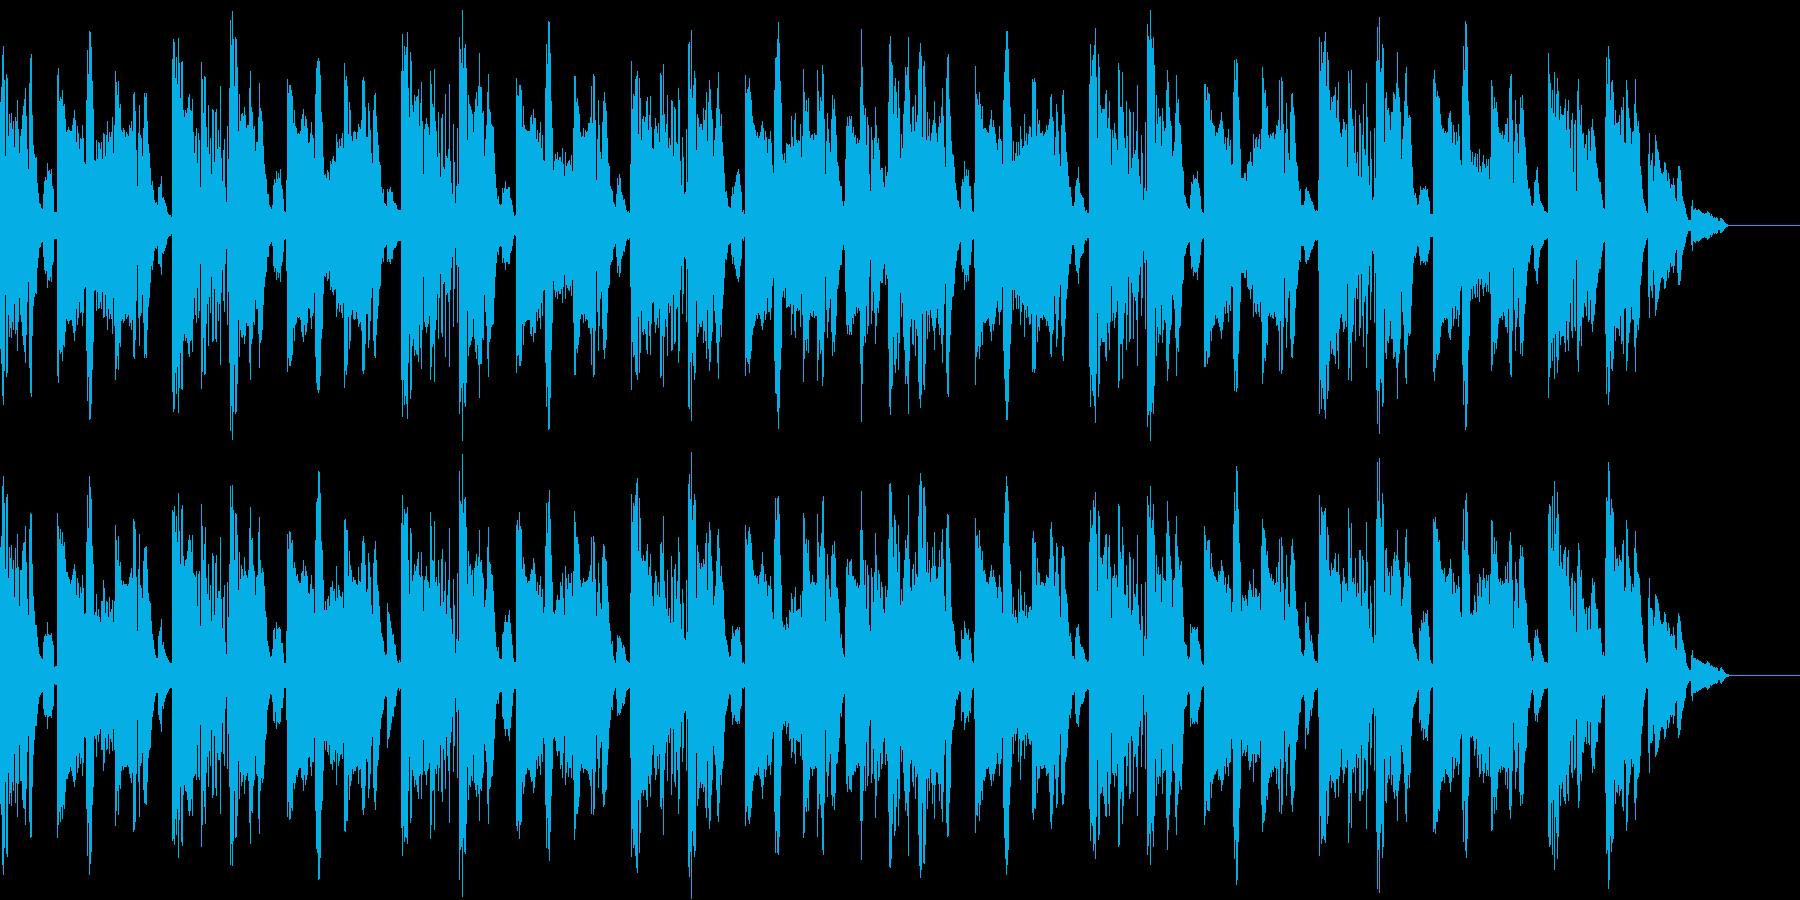 テクノハウステイストのBGMの再生済みの波形